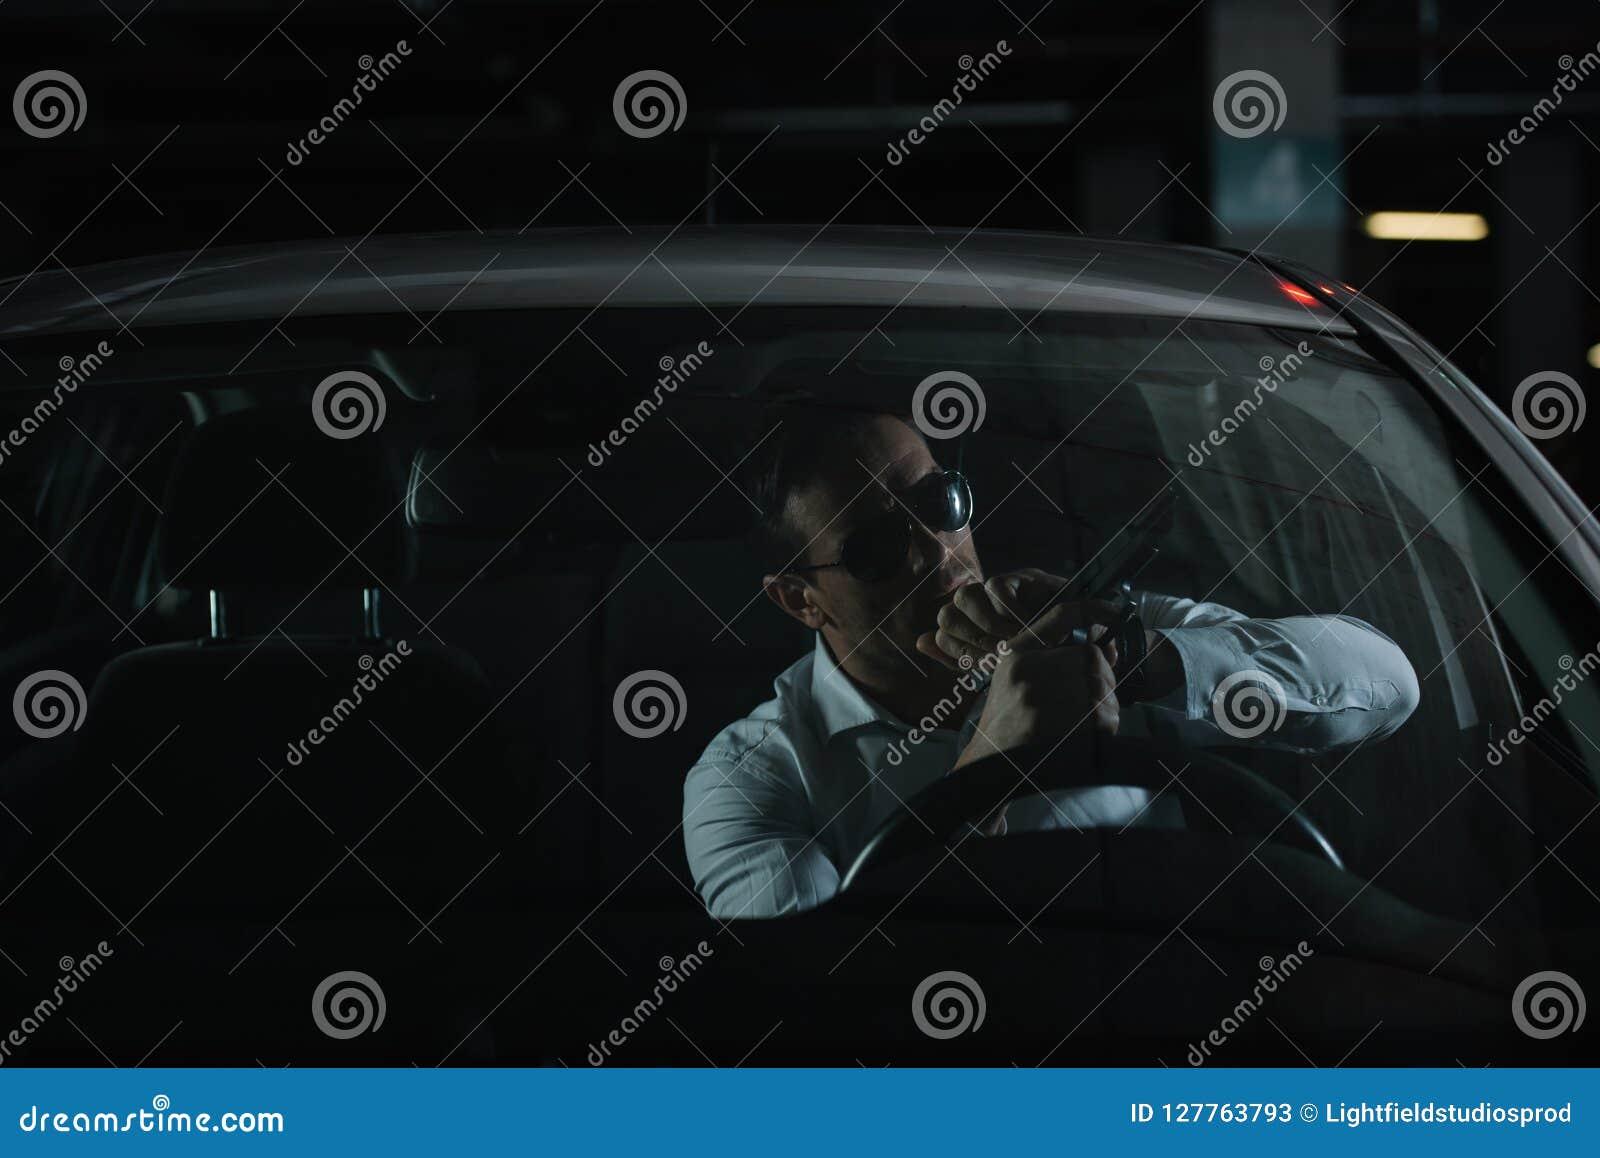 σοβαρός αρσενικός μυστικός αξιωματούχος στα γυαλιά ηλίου που χρεώνει το πυροβόλο όπλο